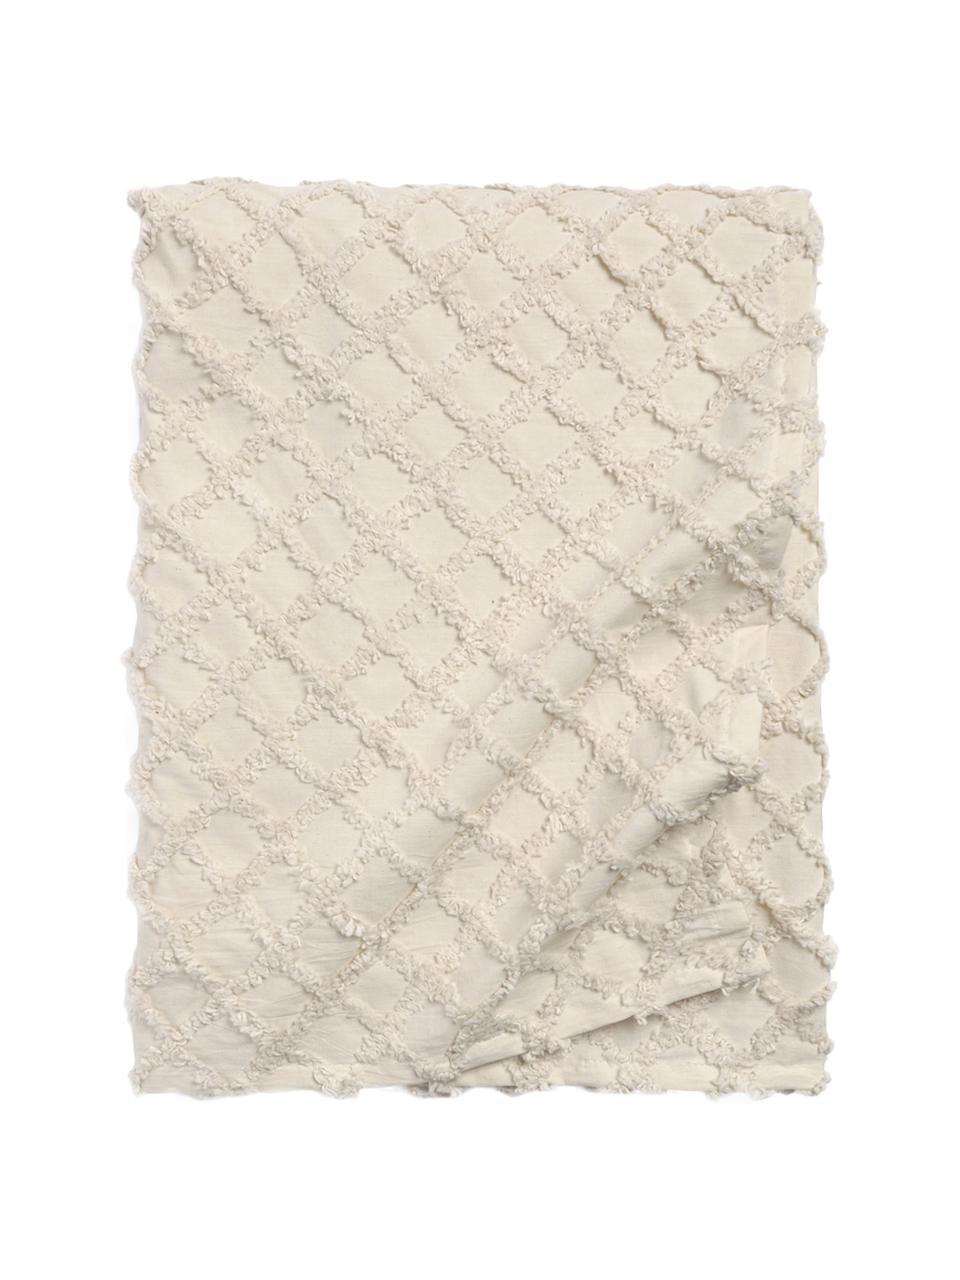 Bedsprei Royal met hoog-laag patroon, Katoen, Crèmewit, bruin, 240 x 260 cm